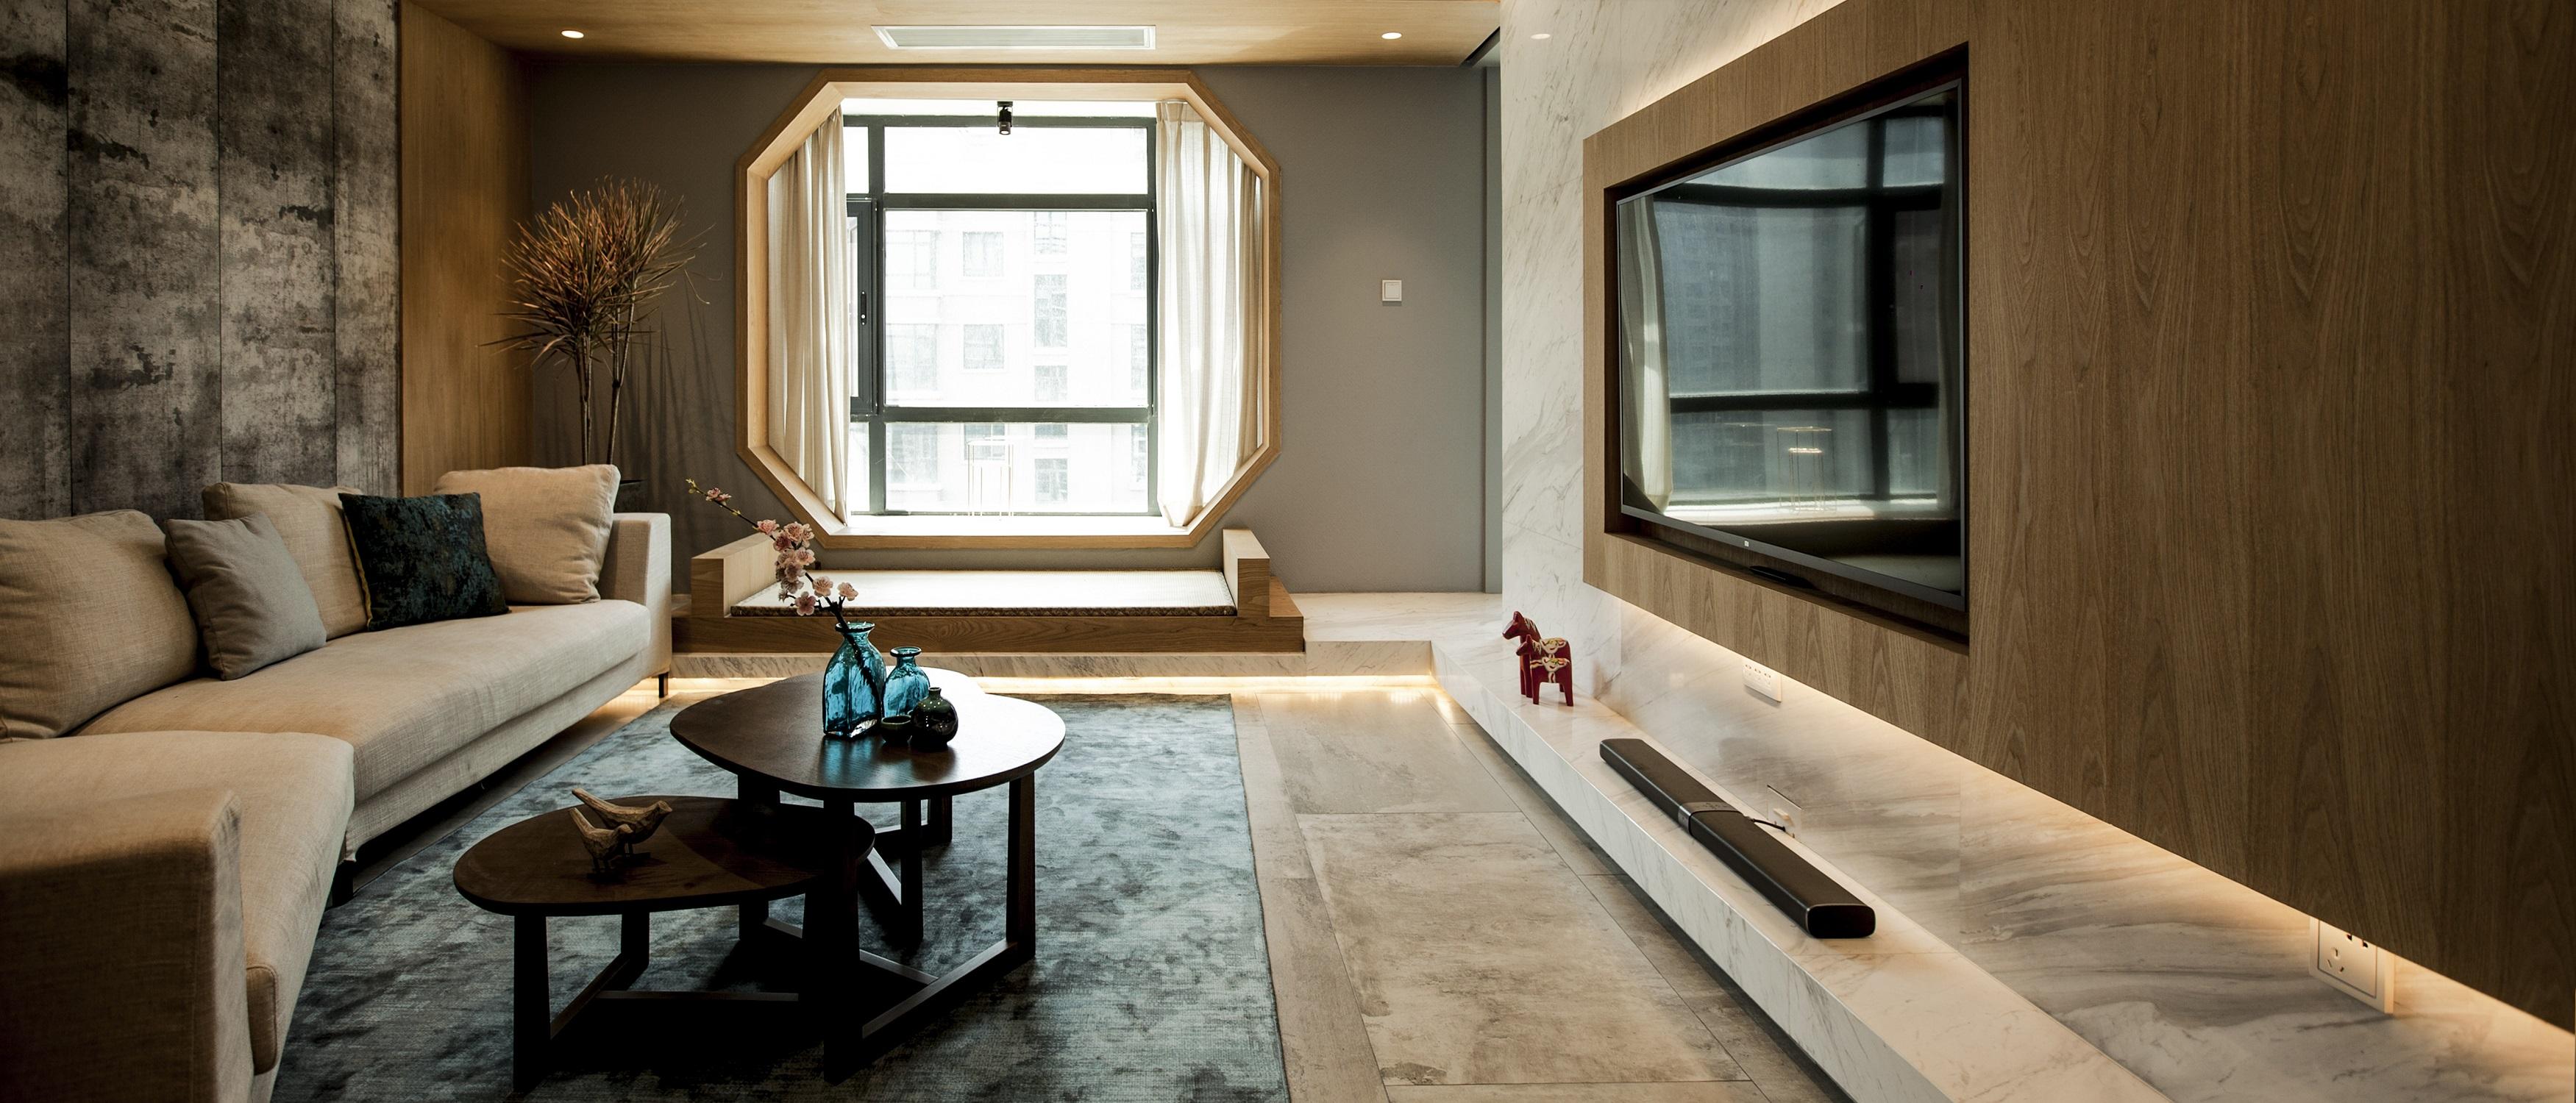 简约中式三居设计客厅效果图